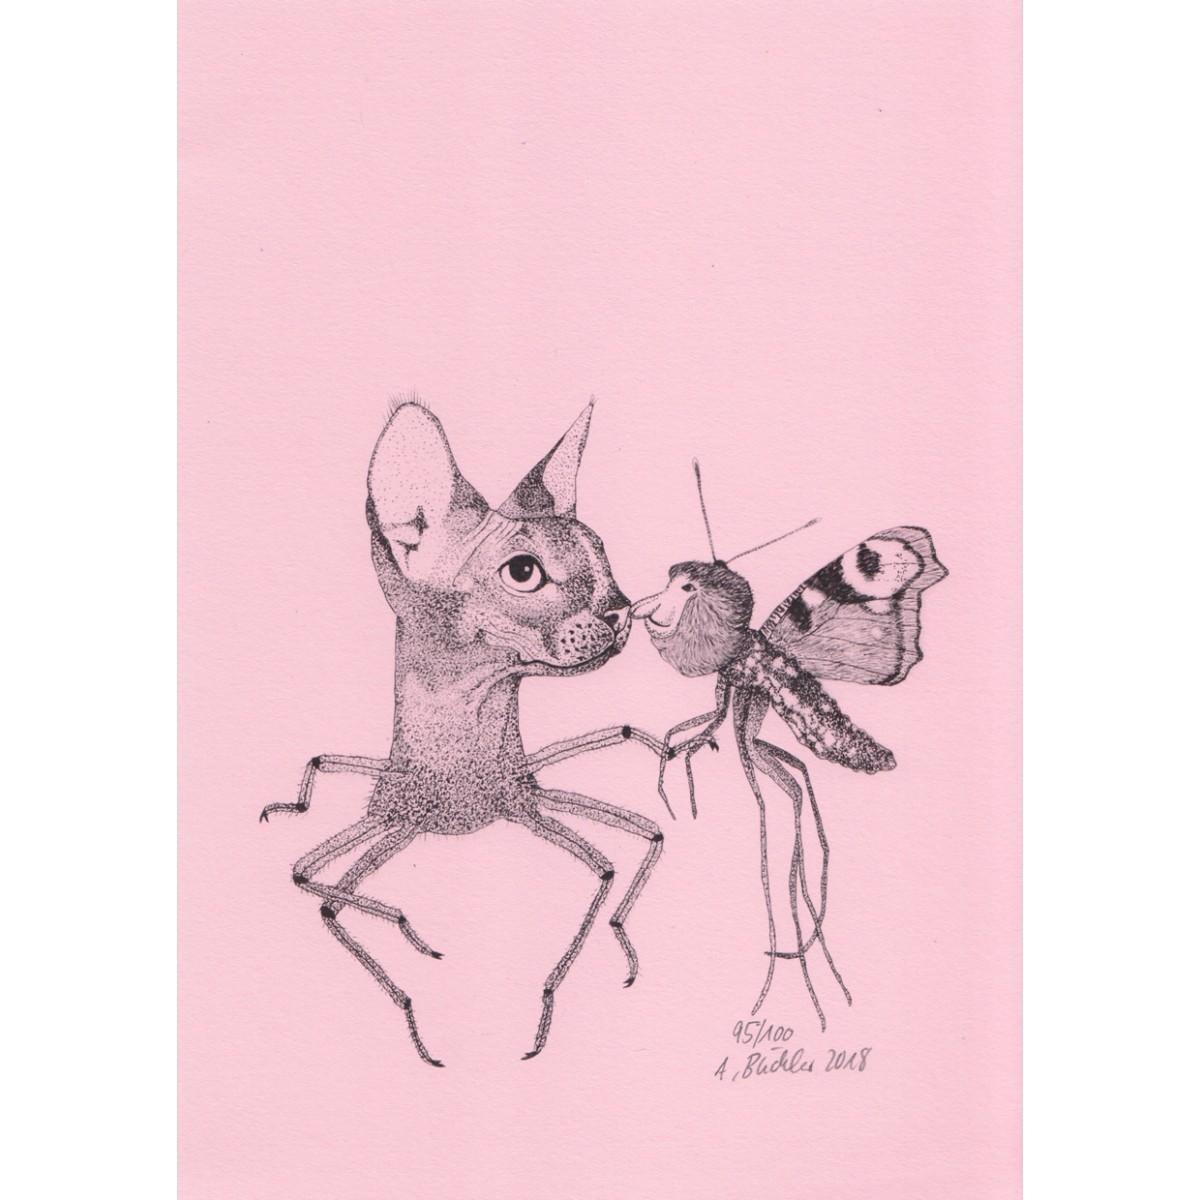 Anka Büchler, Das Liebesspiel der Wolpertinger, limitierte Digitaldruckserie, A5, Motiv 10